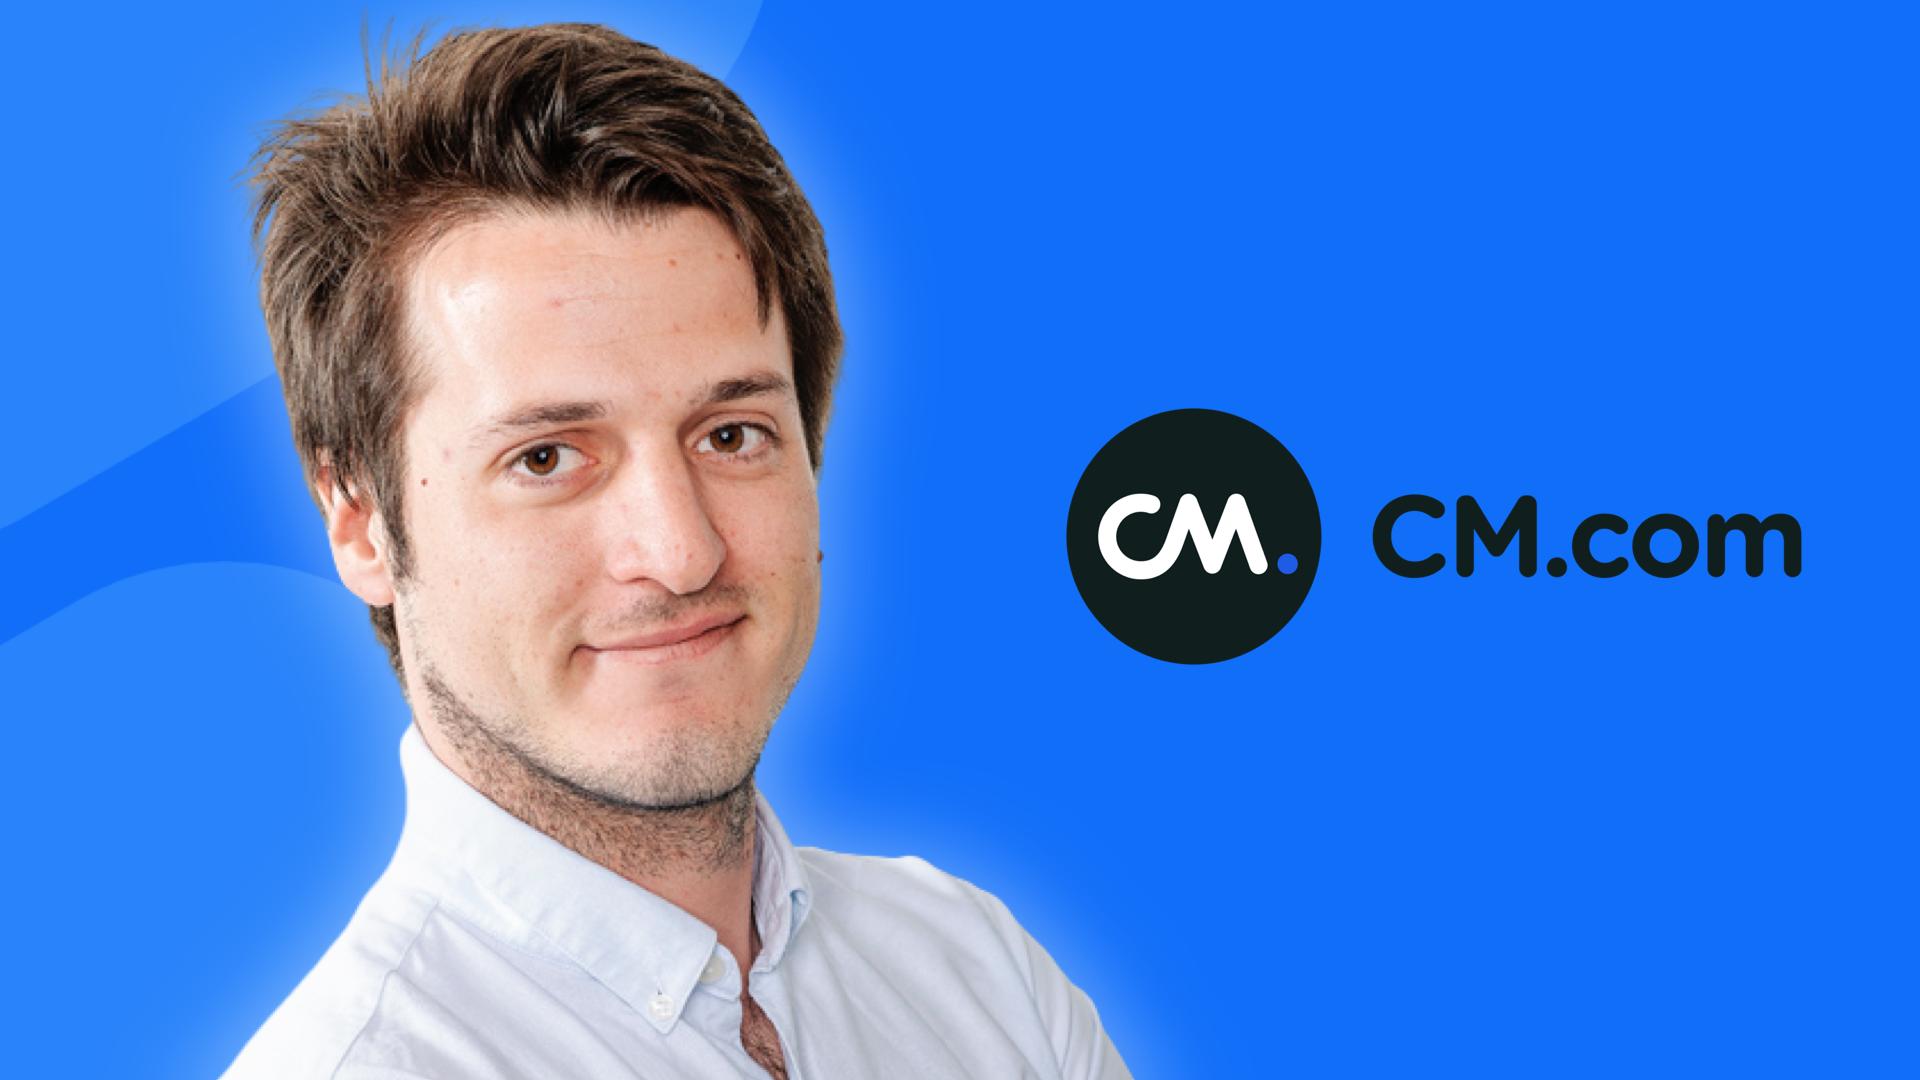 Jean Drapier, CM.com : « Notre plateforme supporte tous les pics de charge dûs aux envois massifs par SMS »